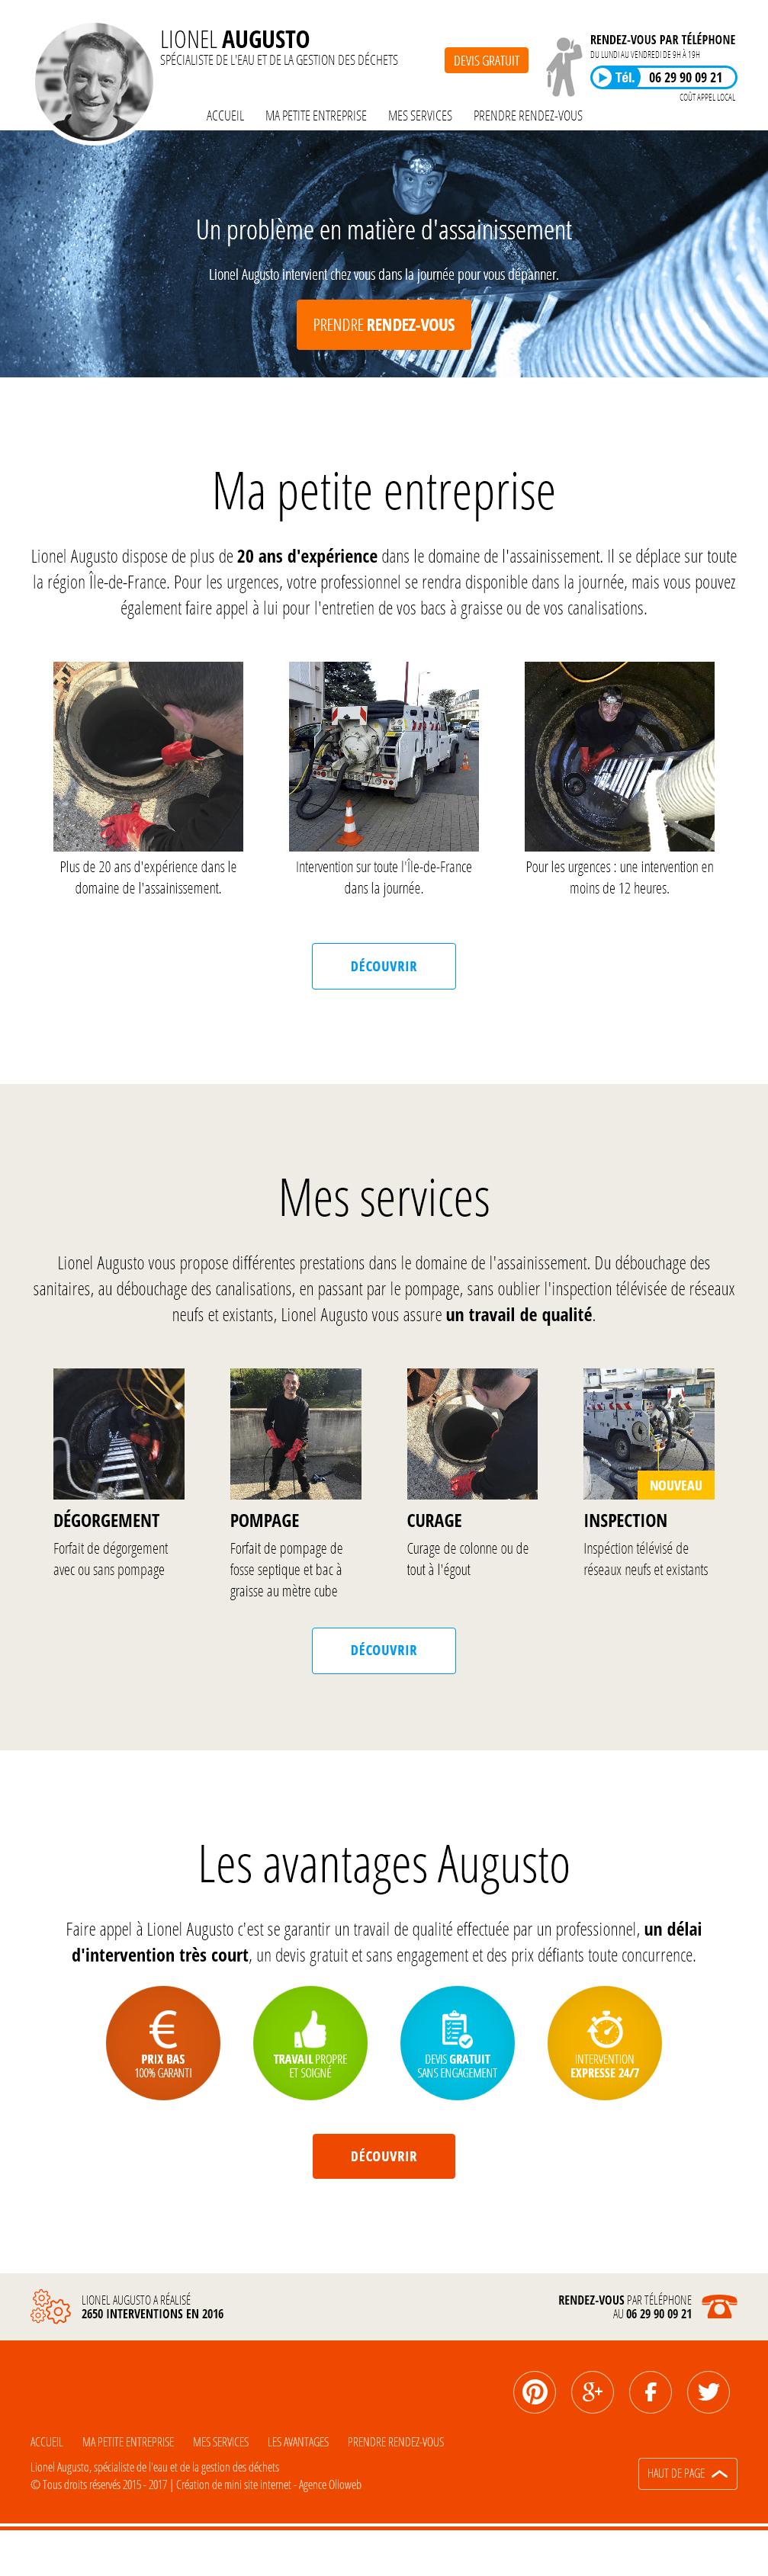 Conception graphique de la page d'accueil